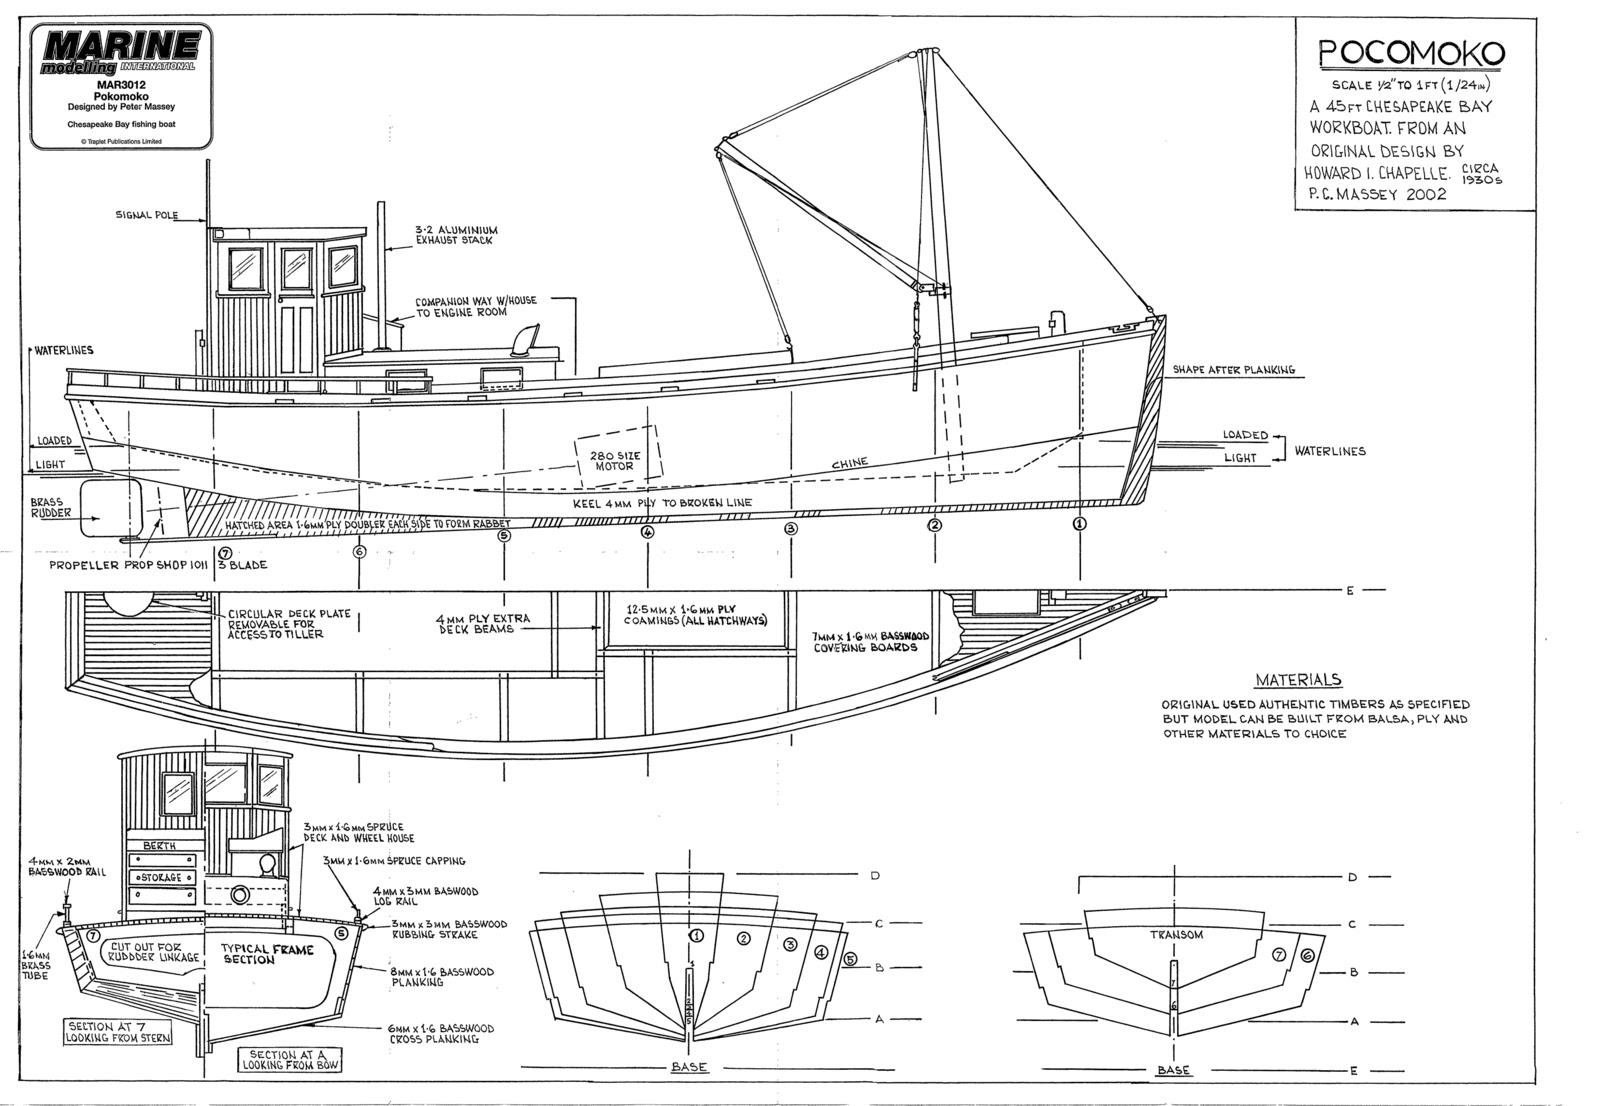 Modelismo Naval RC Cordoba: Plano Carguero Pokomo